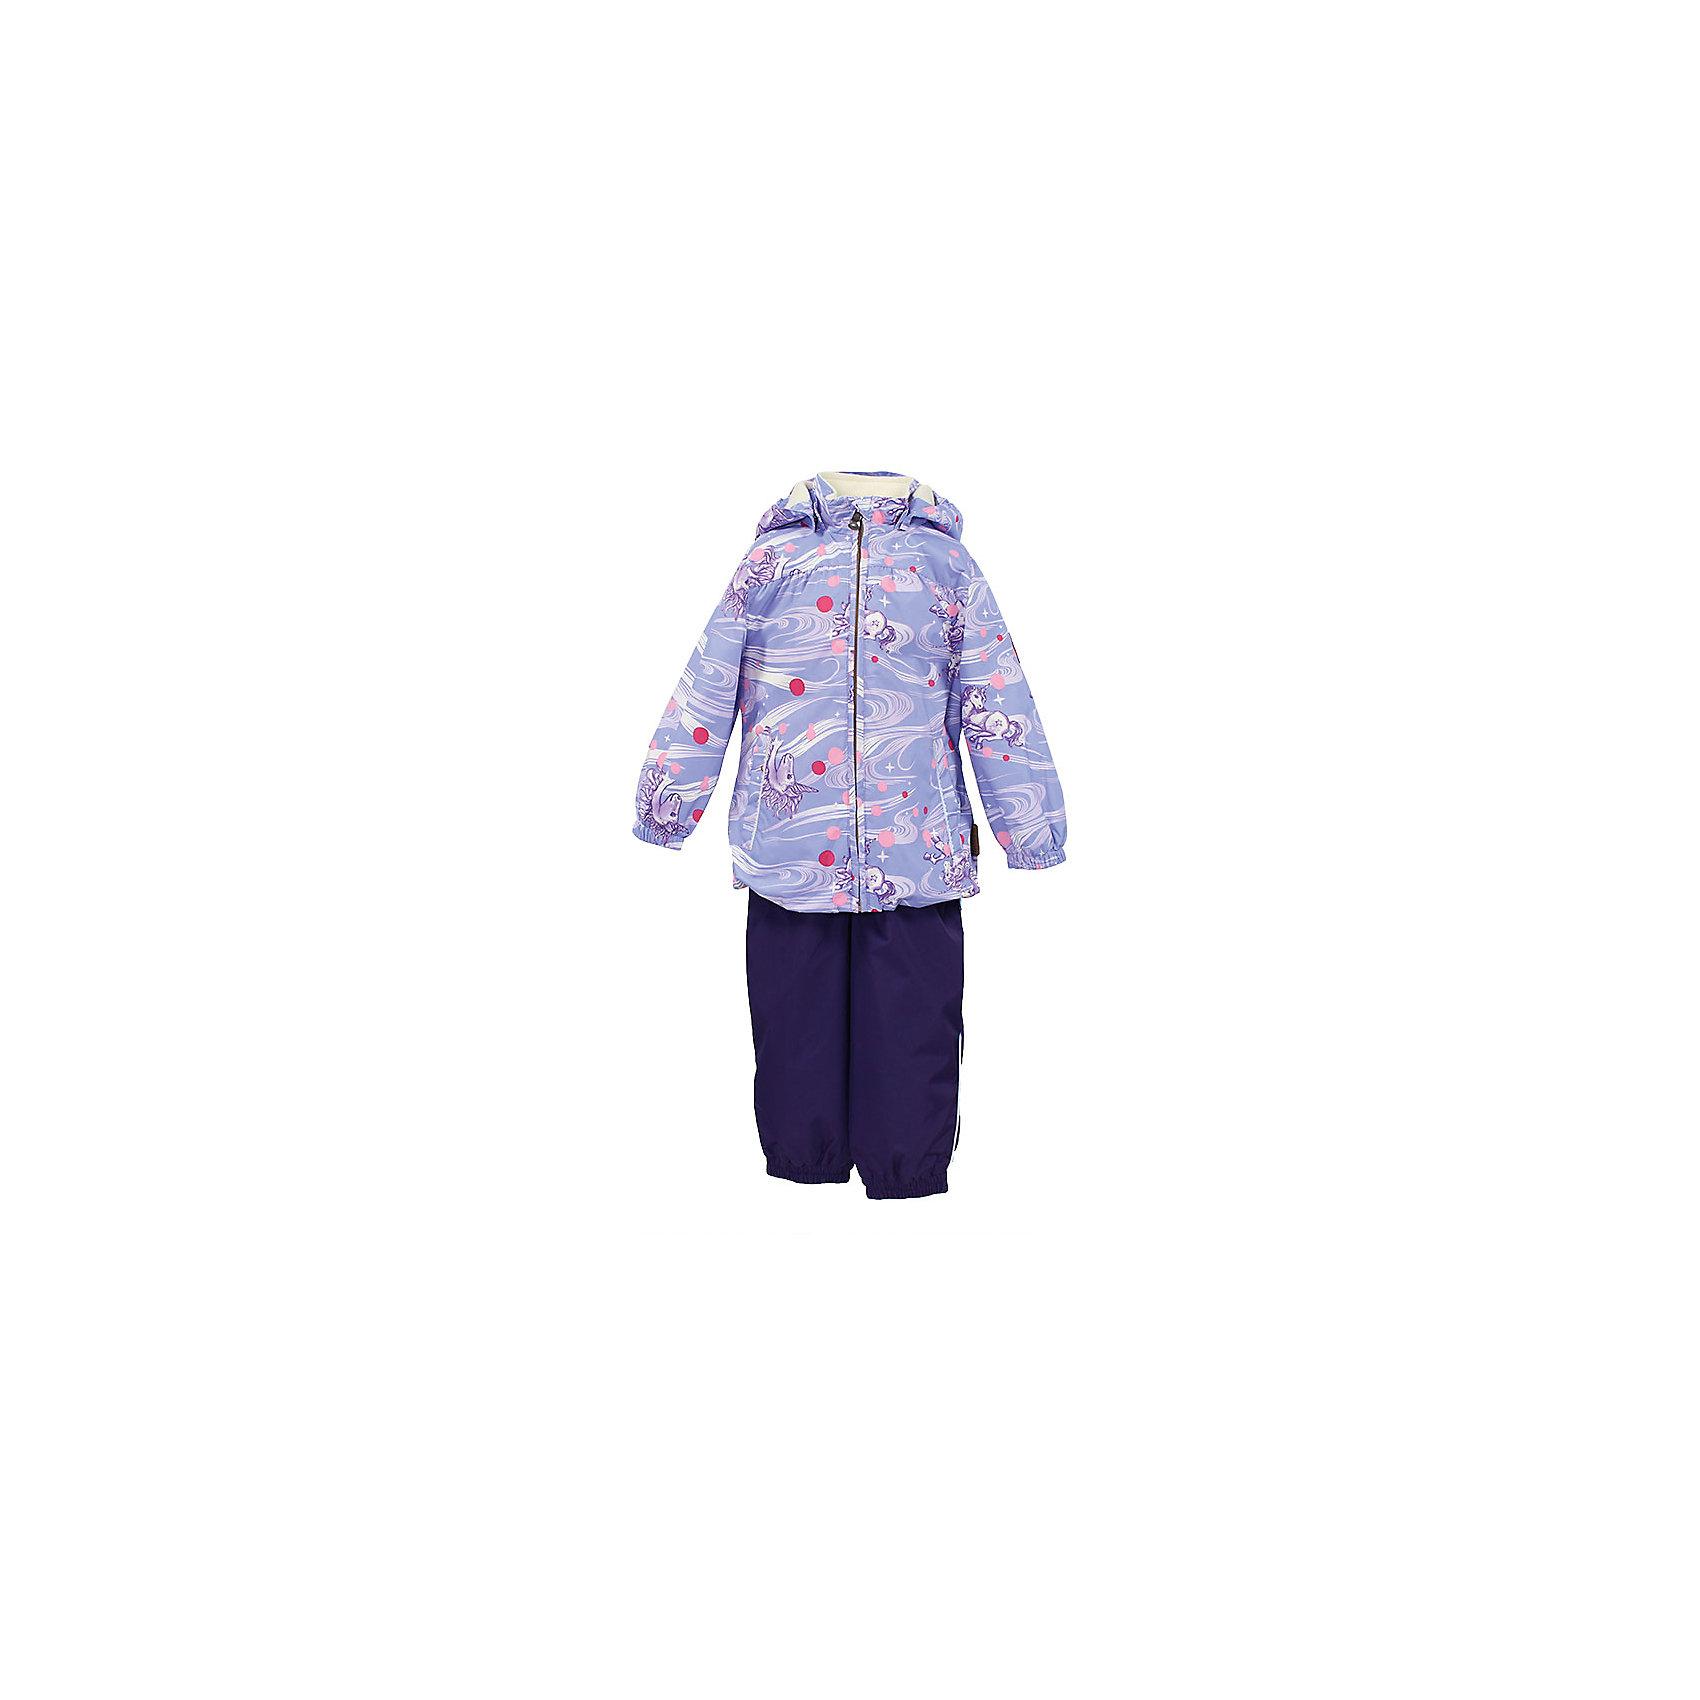 Комплект: куртка и полукомбинезон для девочки CLARA HuppaКомплекты<br>Характеристики товара:<br><br>• цвет: сиреневый принт/тёмно-фиолетовый<br>• комплектация: куртка и полукомбинезон <br>• ткань: 100% полиэстер<br>• подкладка: Coral-fleece смесь хлопка и полиэстера, в рукавах - тафта 100% полиэстер<br>• утеплитель: 100% полиэстер; куртка 100 г, полукомбинезон 40 г<br>• температурный режим: от -5°С до +10°С<br>• водонепроницаемость: верх - 5000 мм, низ - 10000 мм<br>• воздухопроницаемость: верх - 5000 мм, низ - 10000 мм<br>• светоотражающие детали<br>• шов сидения проклеен<br>• съёмный капюшон с резинкой<br>• эластичные манжеты на рукавах<br>• манжеты брюк с резинкой<br>• съёмные эластичные штрипки<br>• без внутренних швов<br>• резиновые подтяжки<br>• коллекция: весна-лето 2017<br>• страна бренда: Эстония<br><br>Такой модный демисезонный комплект  обеспечит детям тепло и комфорт. Он сделан из материала, отталкивающего воду, и дополнен подкладкой с утеплителем, поэтому изделие идеально подходит для межсезонья. Материал изделий - с мембранной технологией: защищая от влаги и ветра, он легко выводит лишнюю влагу наружу. Комплект очень симпатично смотрится. <br><br>Одежда и обувь от популярного эстонского бренда Huppa - отличный вариант одеть ребенка можно и комфортно. Вещи, выпускаемые компанией, качественные, продуманные и очень удобные. Для производства изделий используются только безопасные для детей материалы. Продукция от Huppa порадует и детей, и их родителей!<br><br>Комплект: куртка и полукомбинезон CLARA от бренда Huppa (Хуппа) можно купить в нашем интернет-магазине.<br><br>Ширина мм: 356<br>Глубина мм: 10<br>Высота мм: 245<br>Вес г: 519<br>Цвет: розовый<br>Возраст от месяцев: 48<br>Возраст до месяцев: 60<br>Пол: Женский<br>Возраст: Детский<br>Размер: 110,80,86,92,98,104<br>SKU: 5346573